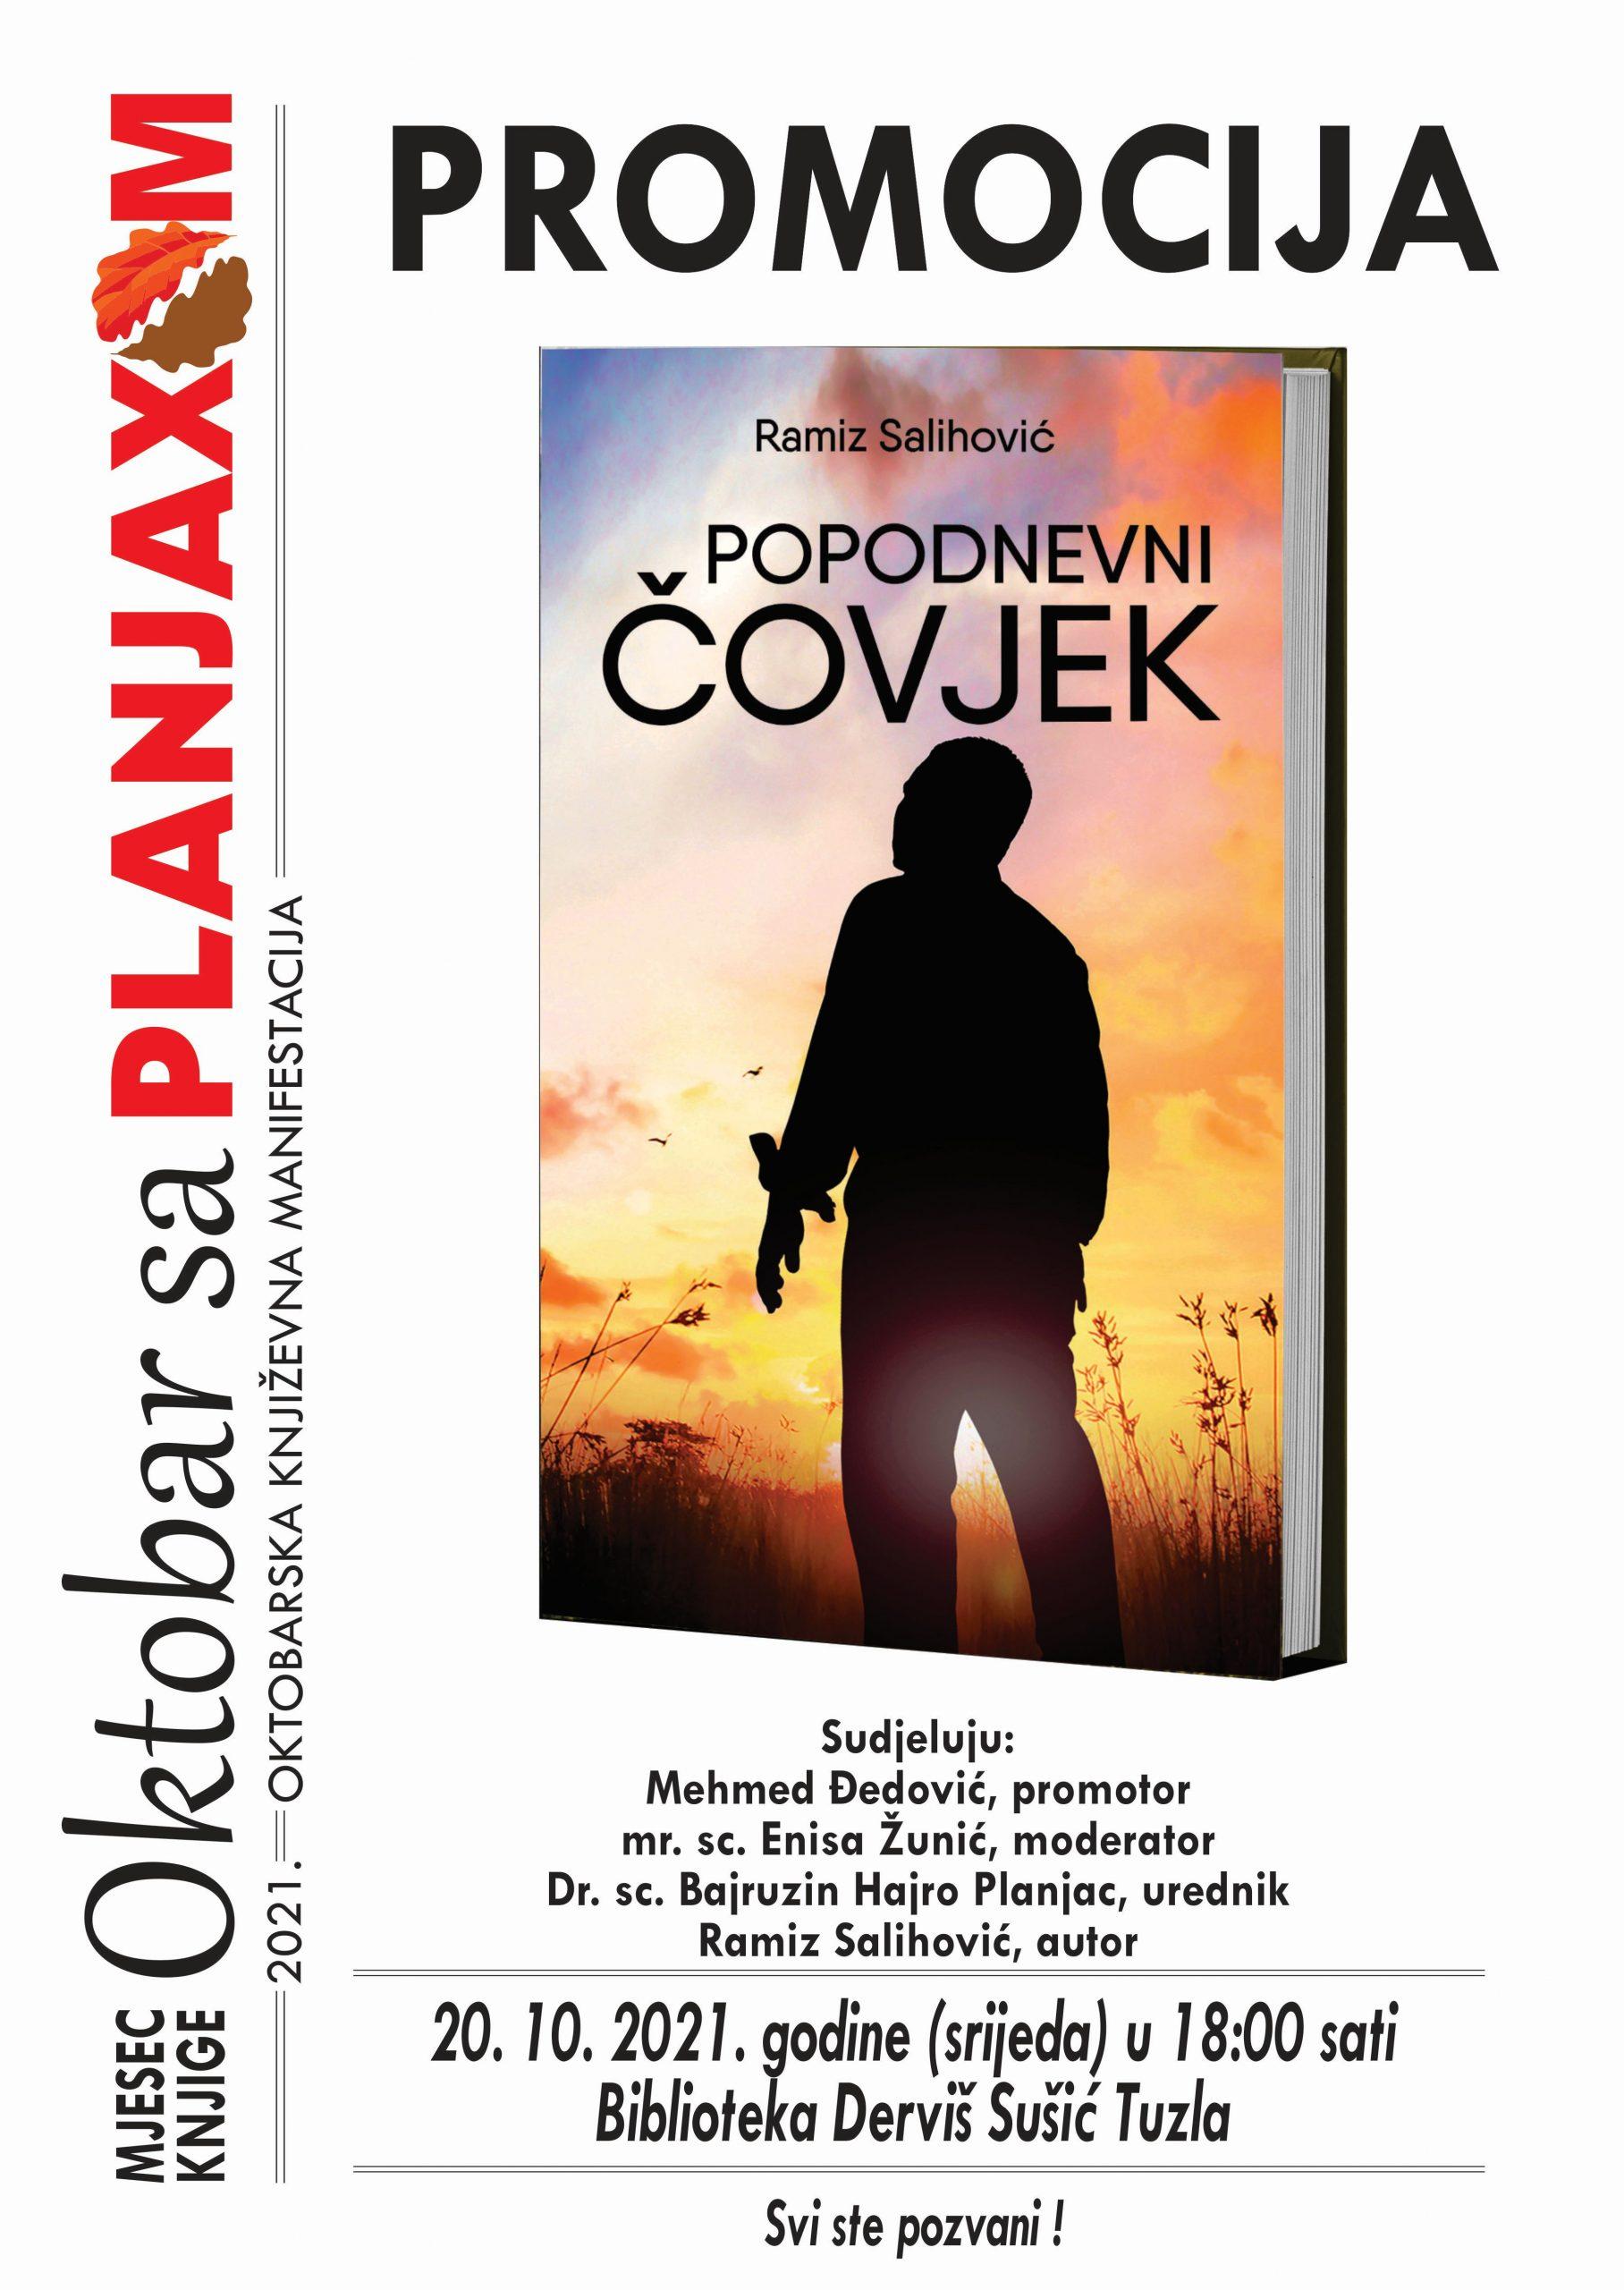 Promocija knjige POPODNEVNI ČOVJEK